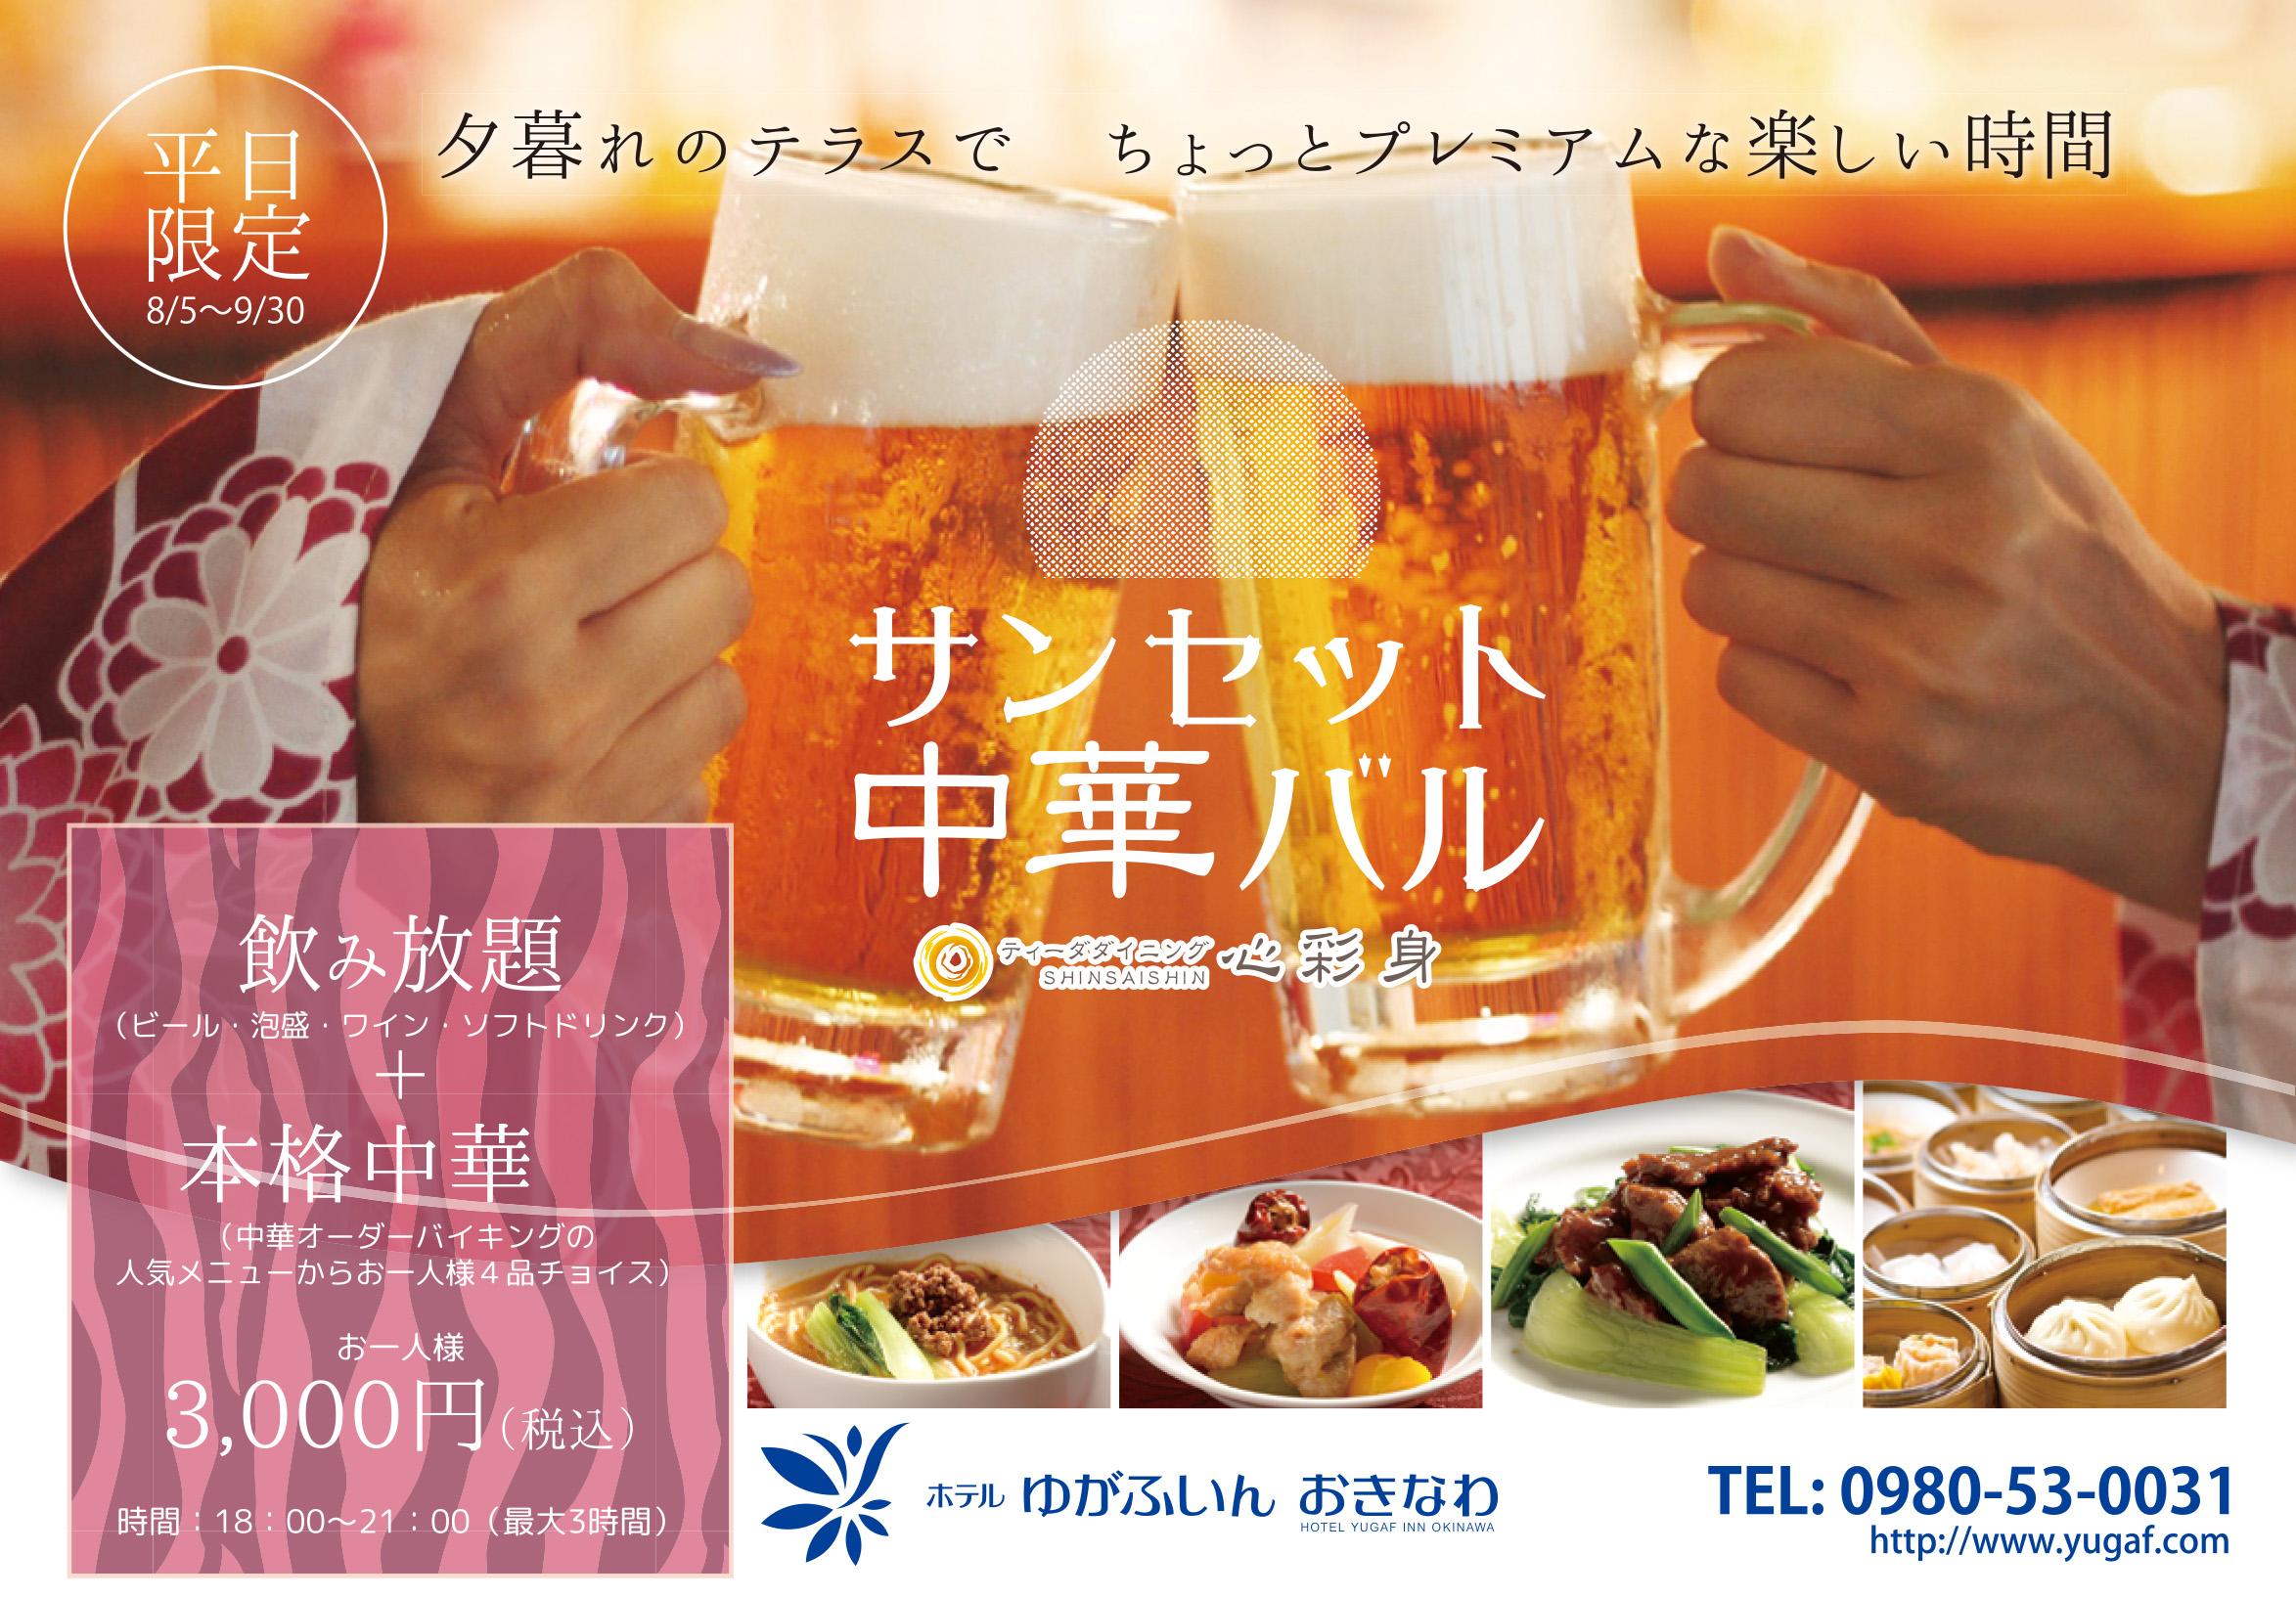 【レストラン情報】平日限定!テラス席での飲み放題付きプラン「サンセット中華バル」開催(~9/30)